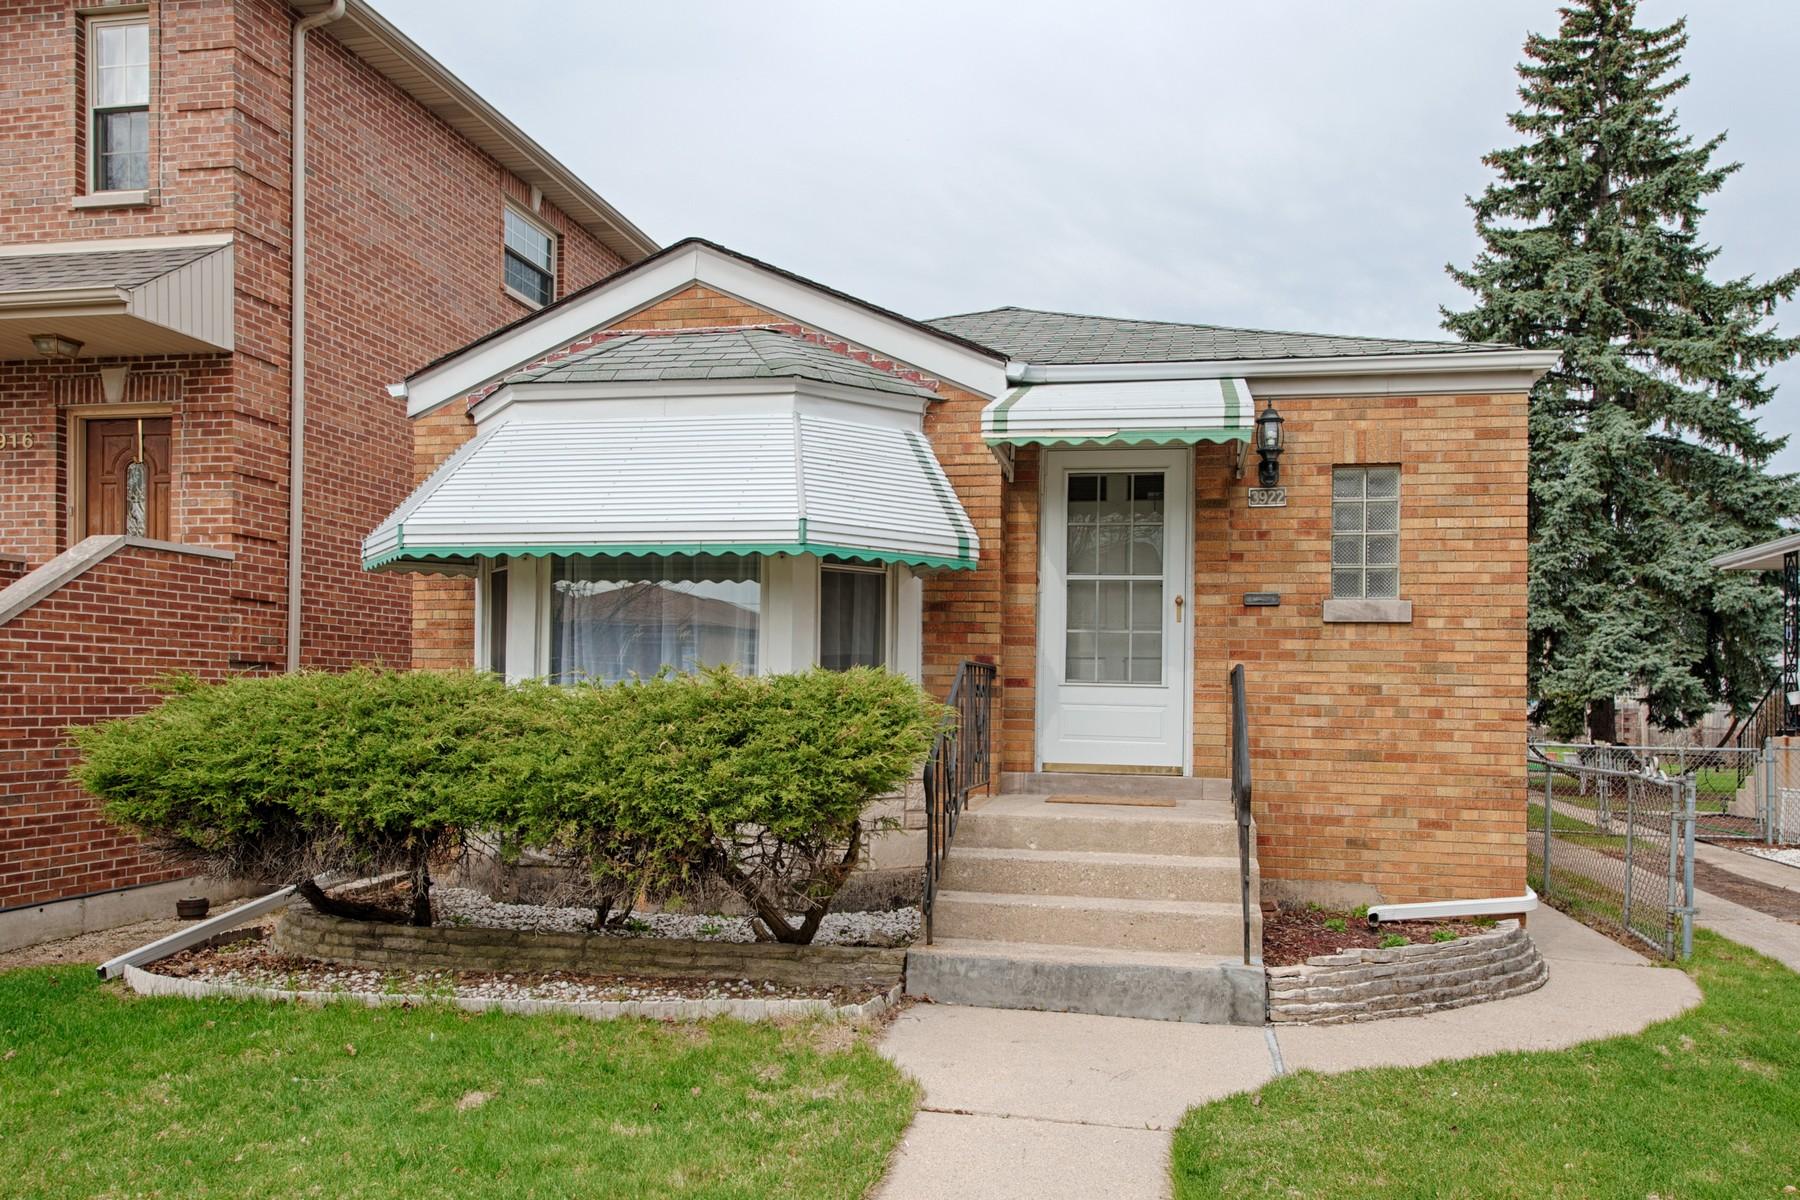 단독 가정 주택 용 매매 에 Beautifully Maintained Ranch 3922 N Ottawa Avenue Chicago, 일리노이즈, 60634 미국